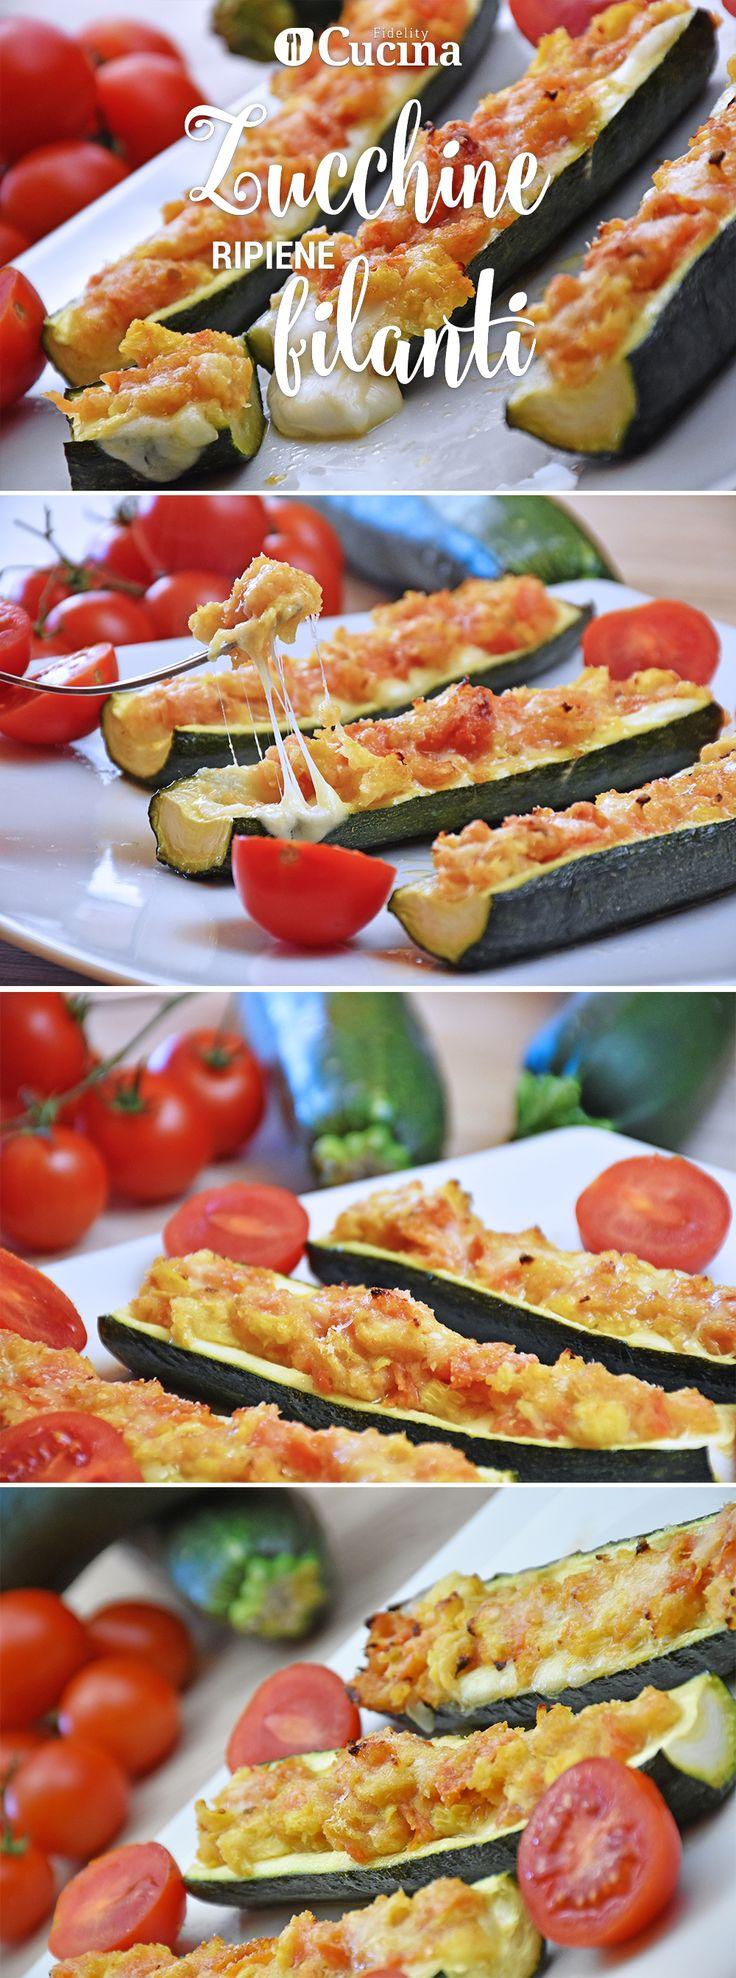 Le #zucchine ripiene filanti sono un secondo piatto a base di #verdure dall'anima filante che farà impazzire tutti. Ecco la #videoricetta